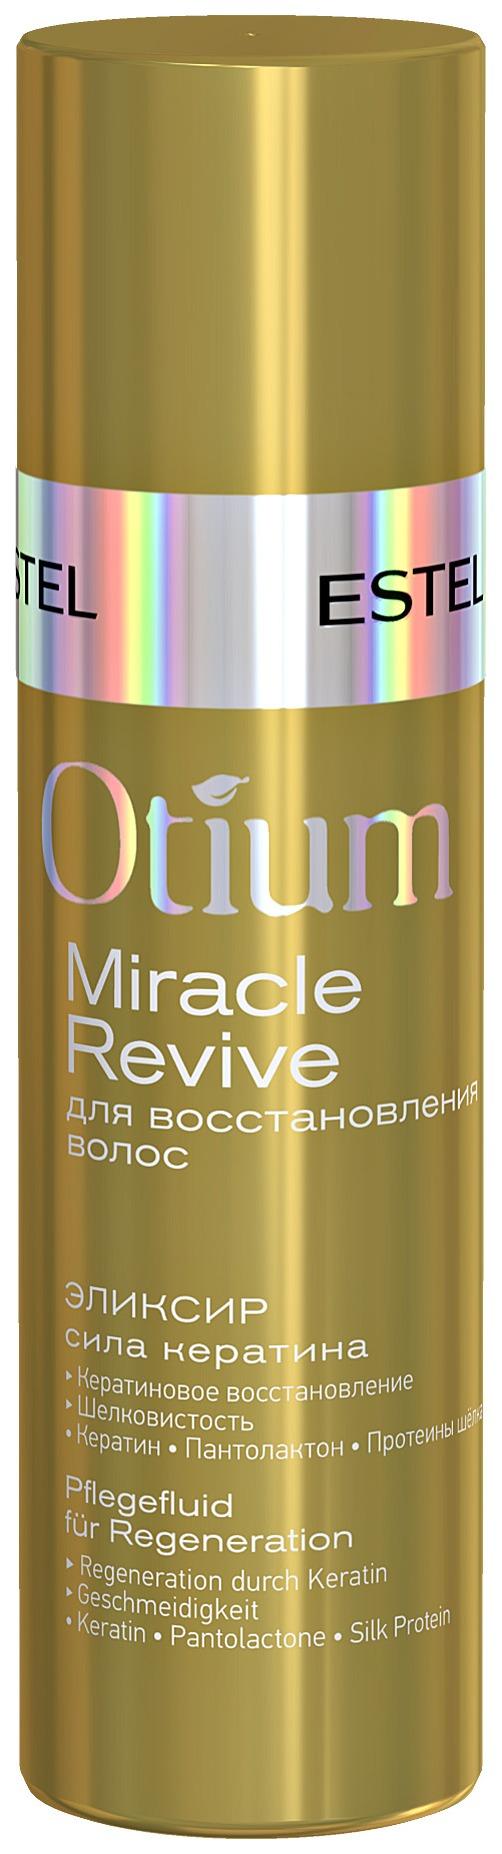 Сыворотка для волос Estel Professional Otium Miracle Revive Сила кератина 100 мл